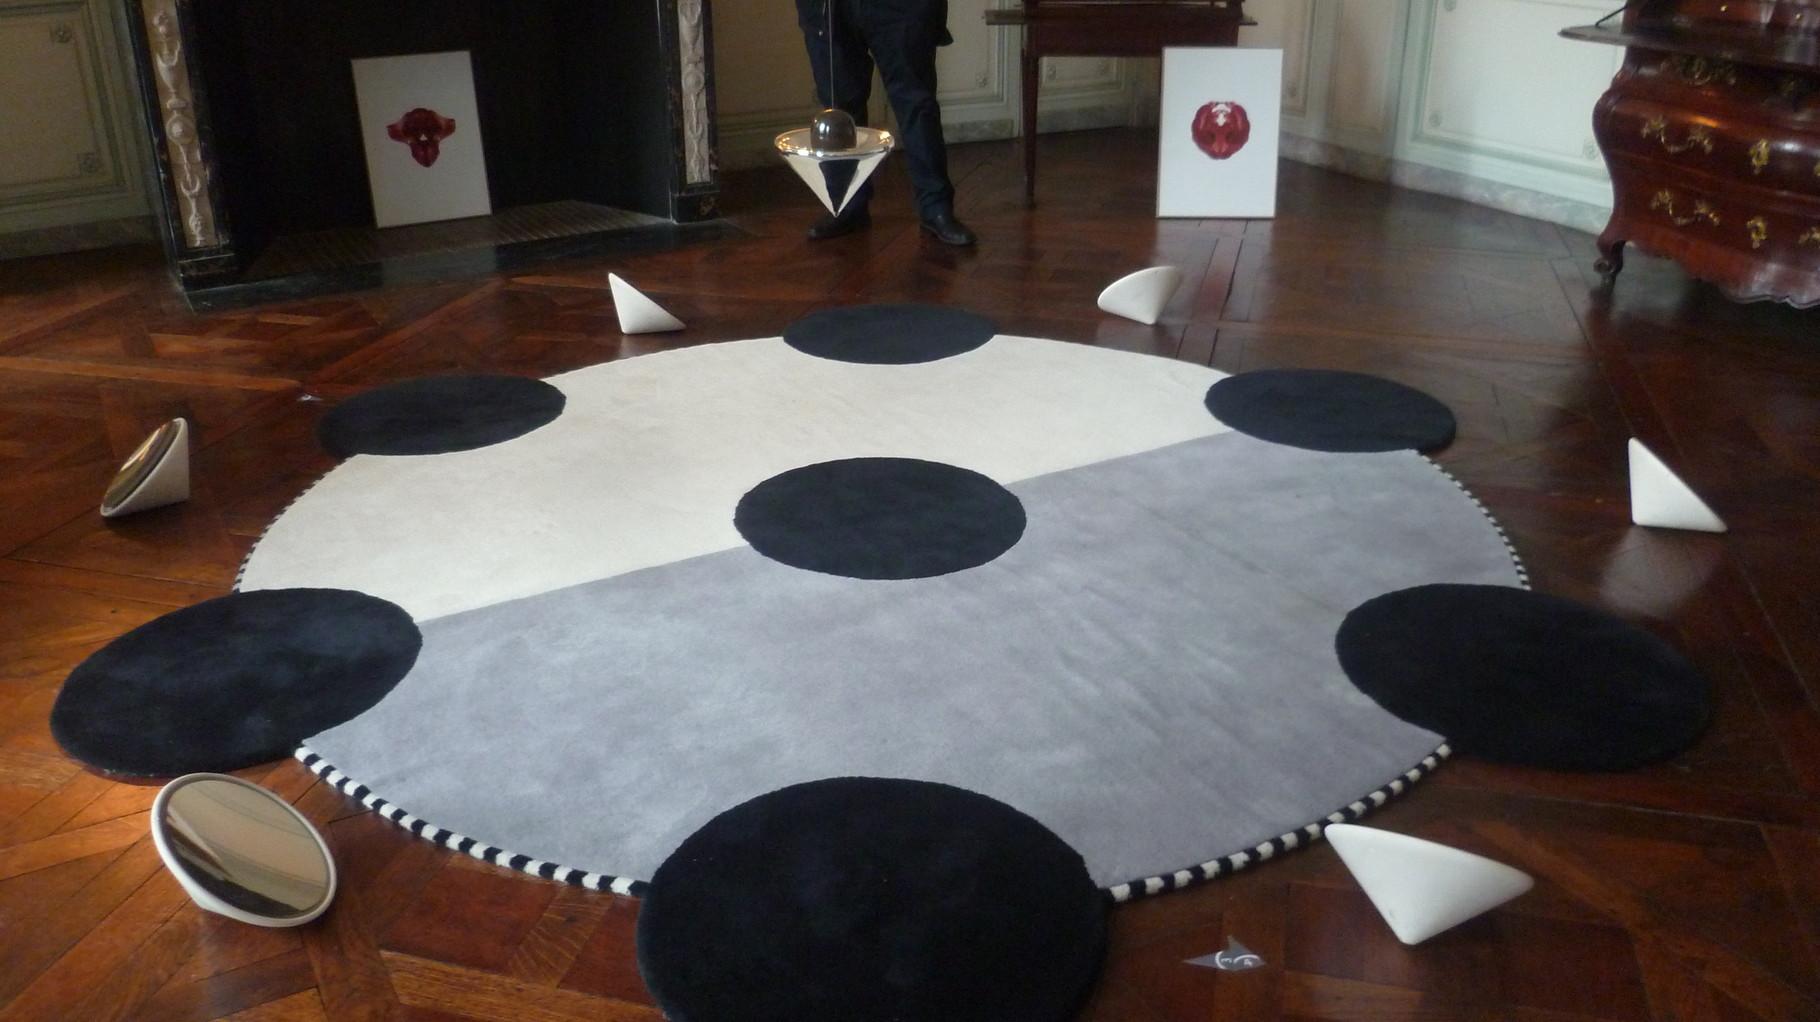 Les tapis ronds surmontés d'un pendule